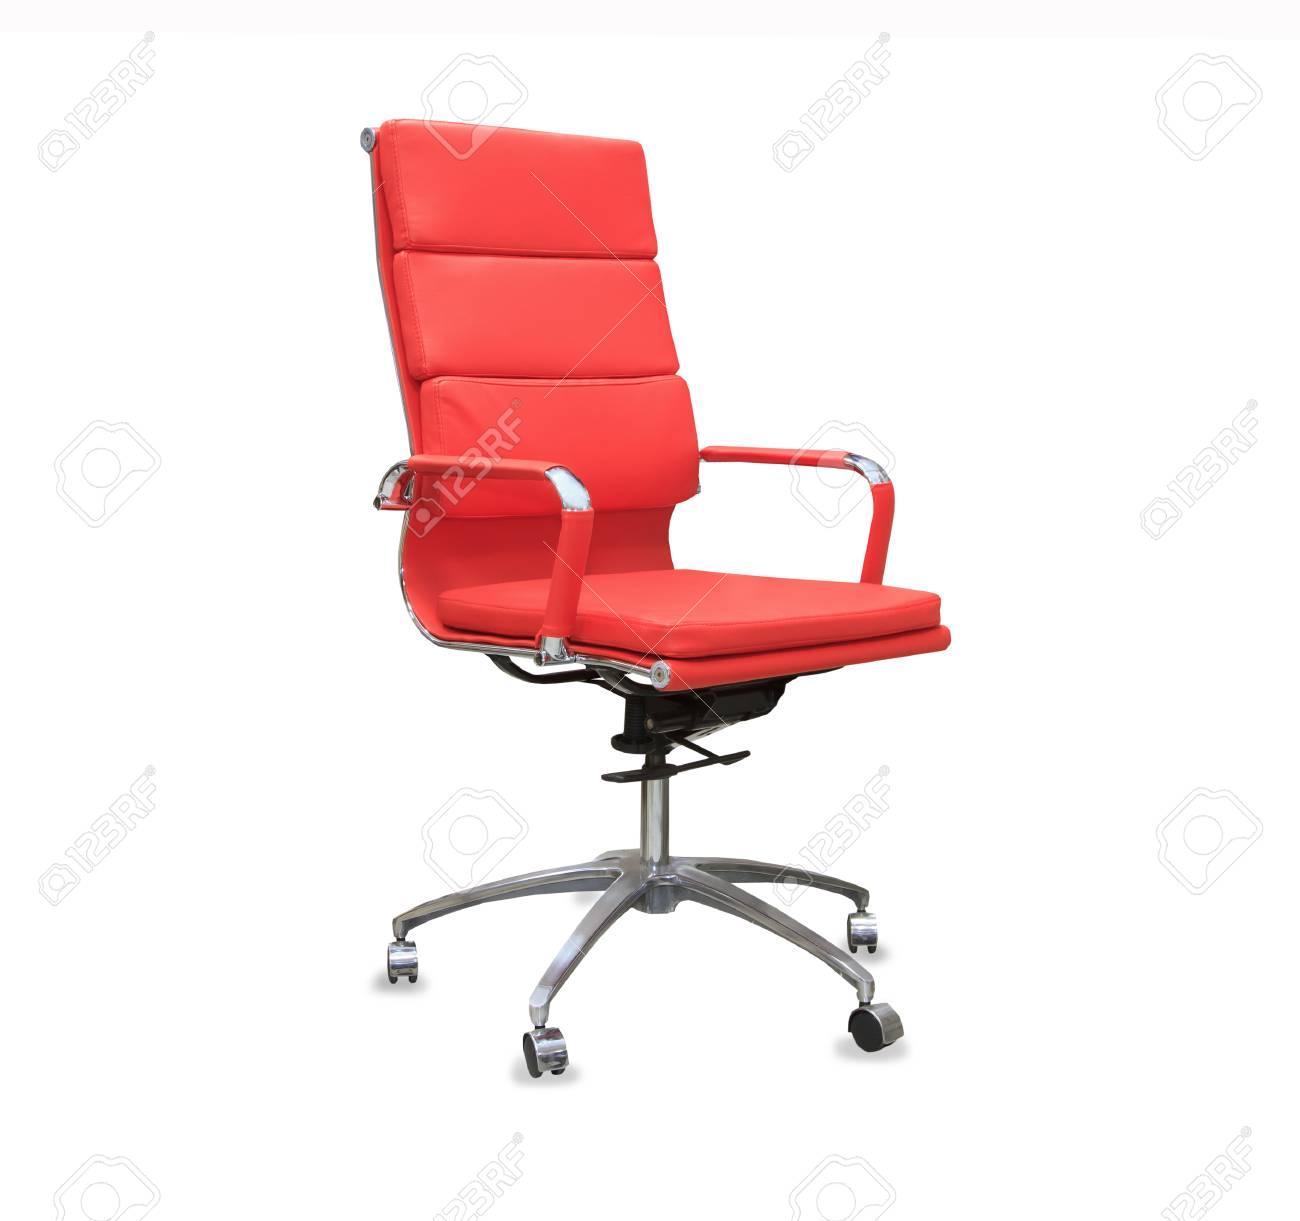 Bureaustoel Rood Leer.Moderne Bureaustoel Van Rood Leer Geisoleerd Royalty Vrije Foto